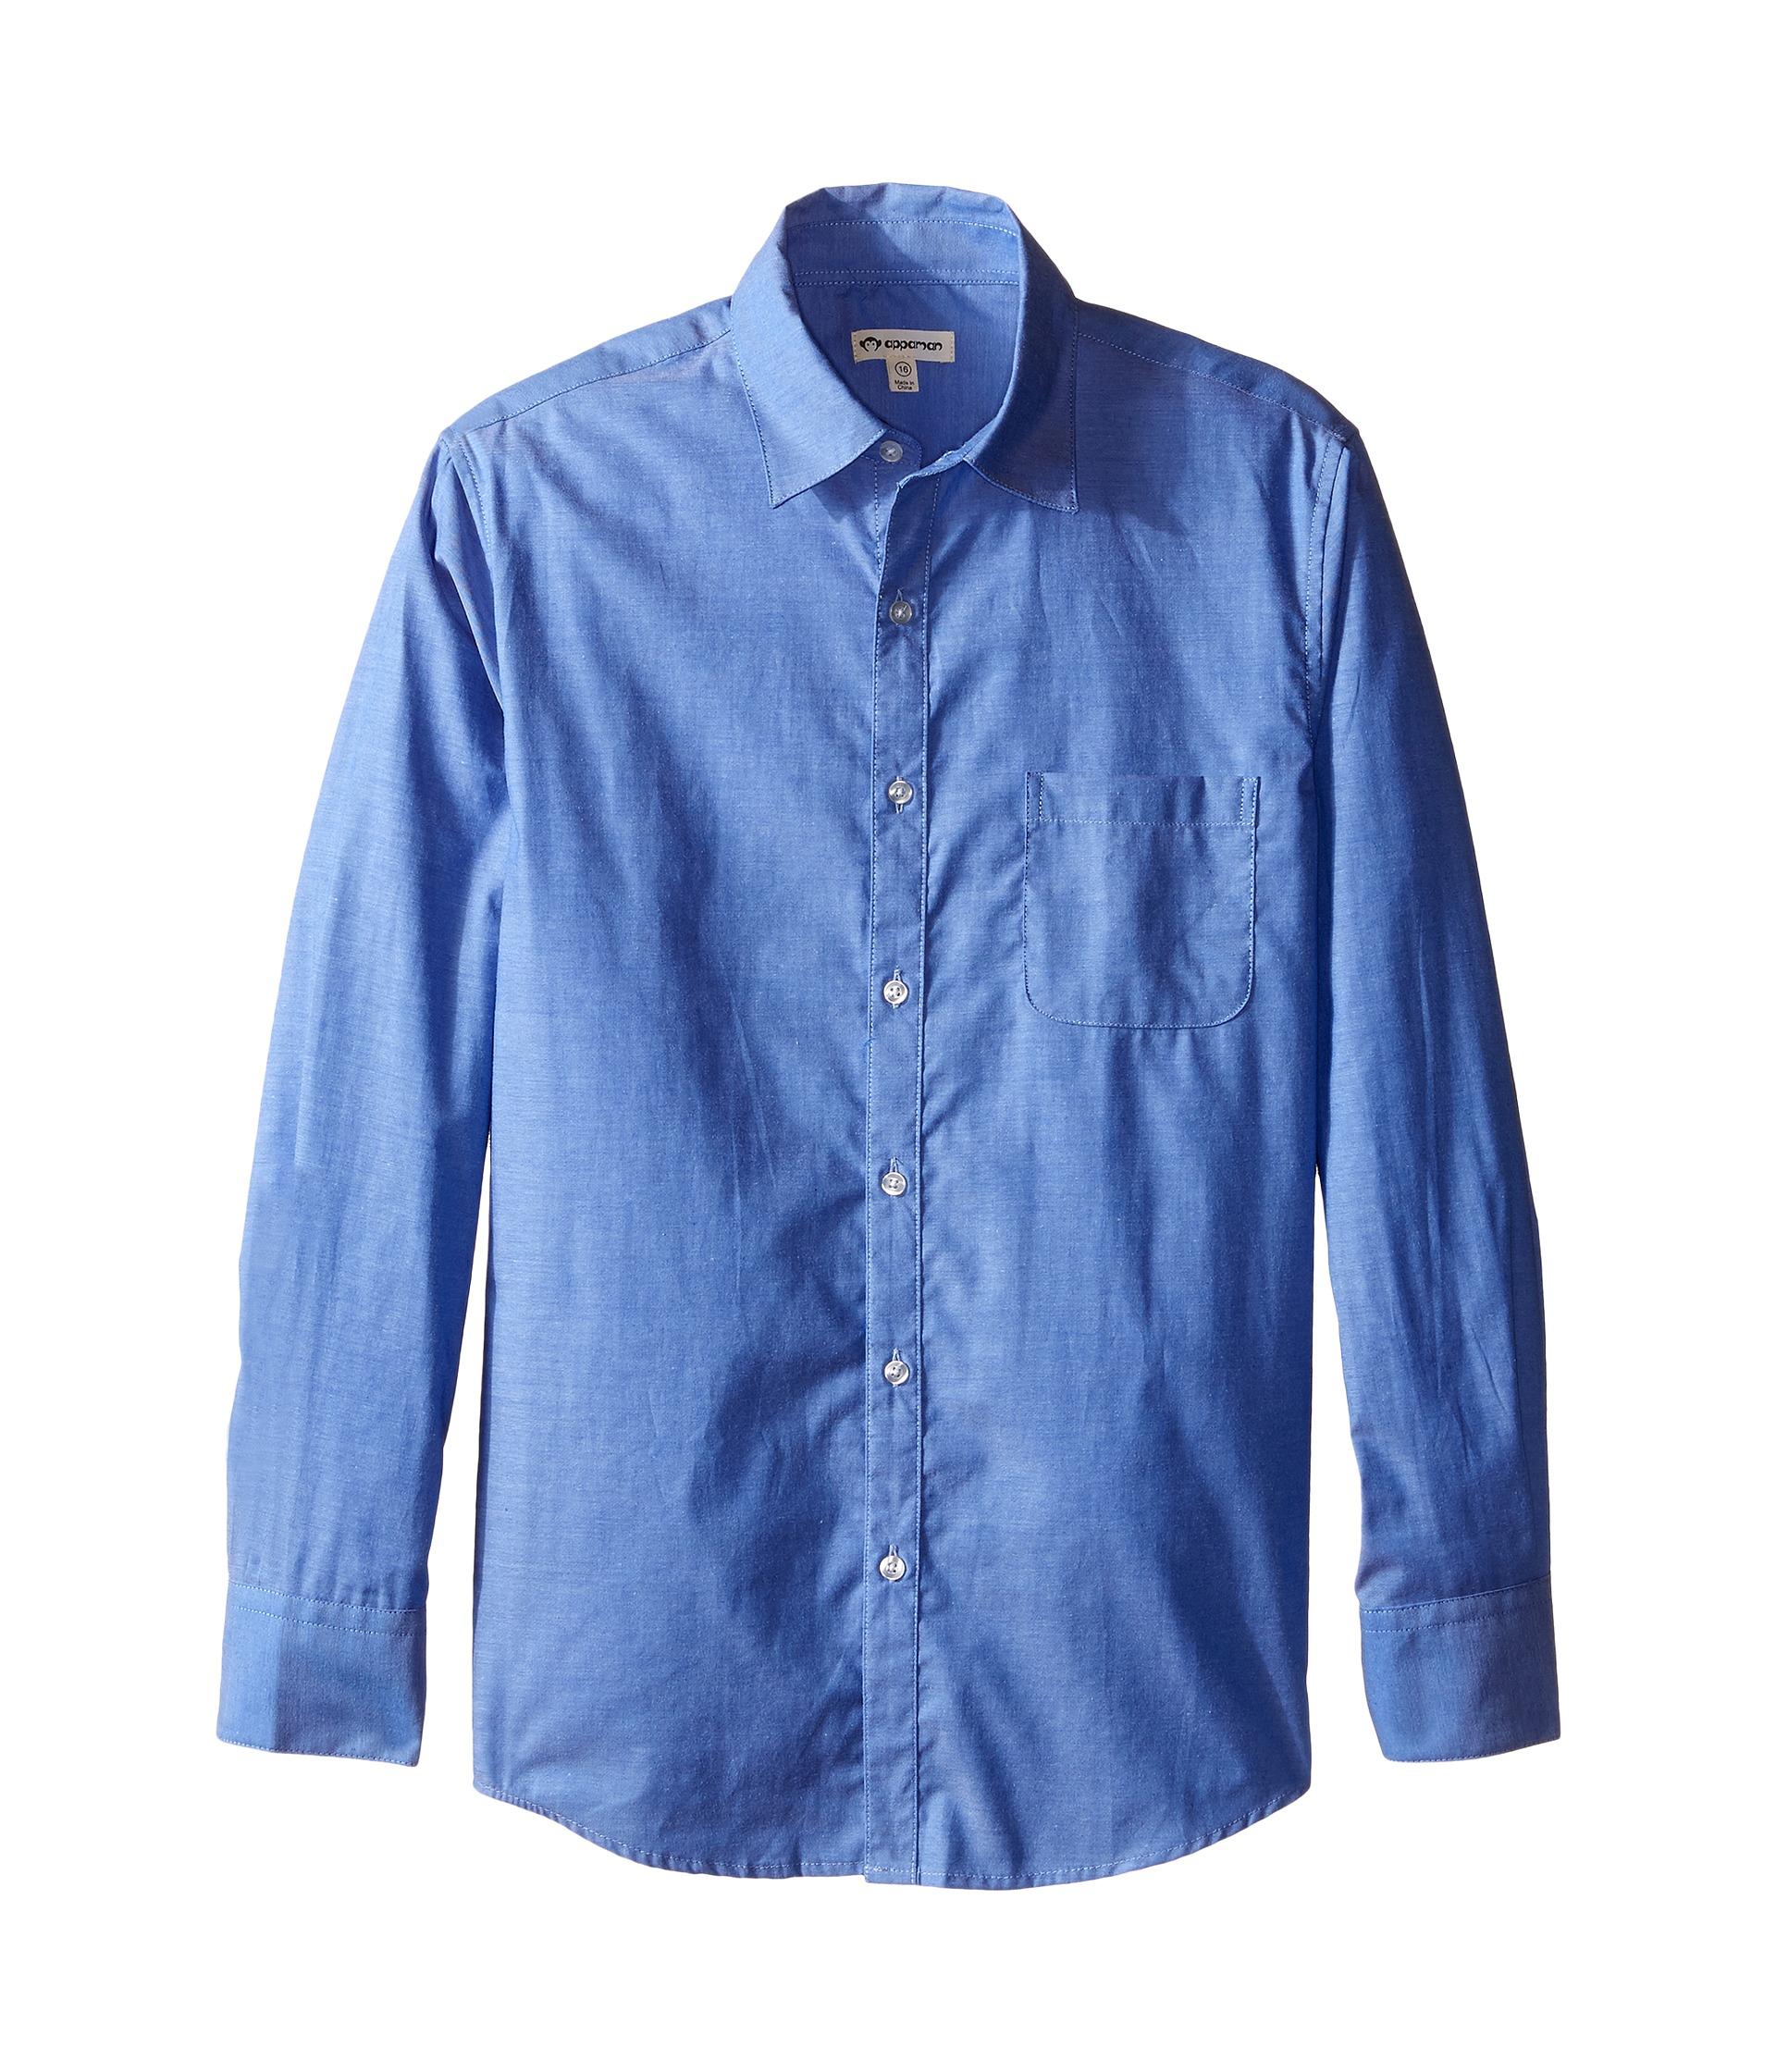 appaman standard shirt toddler big